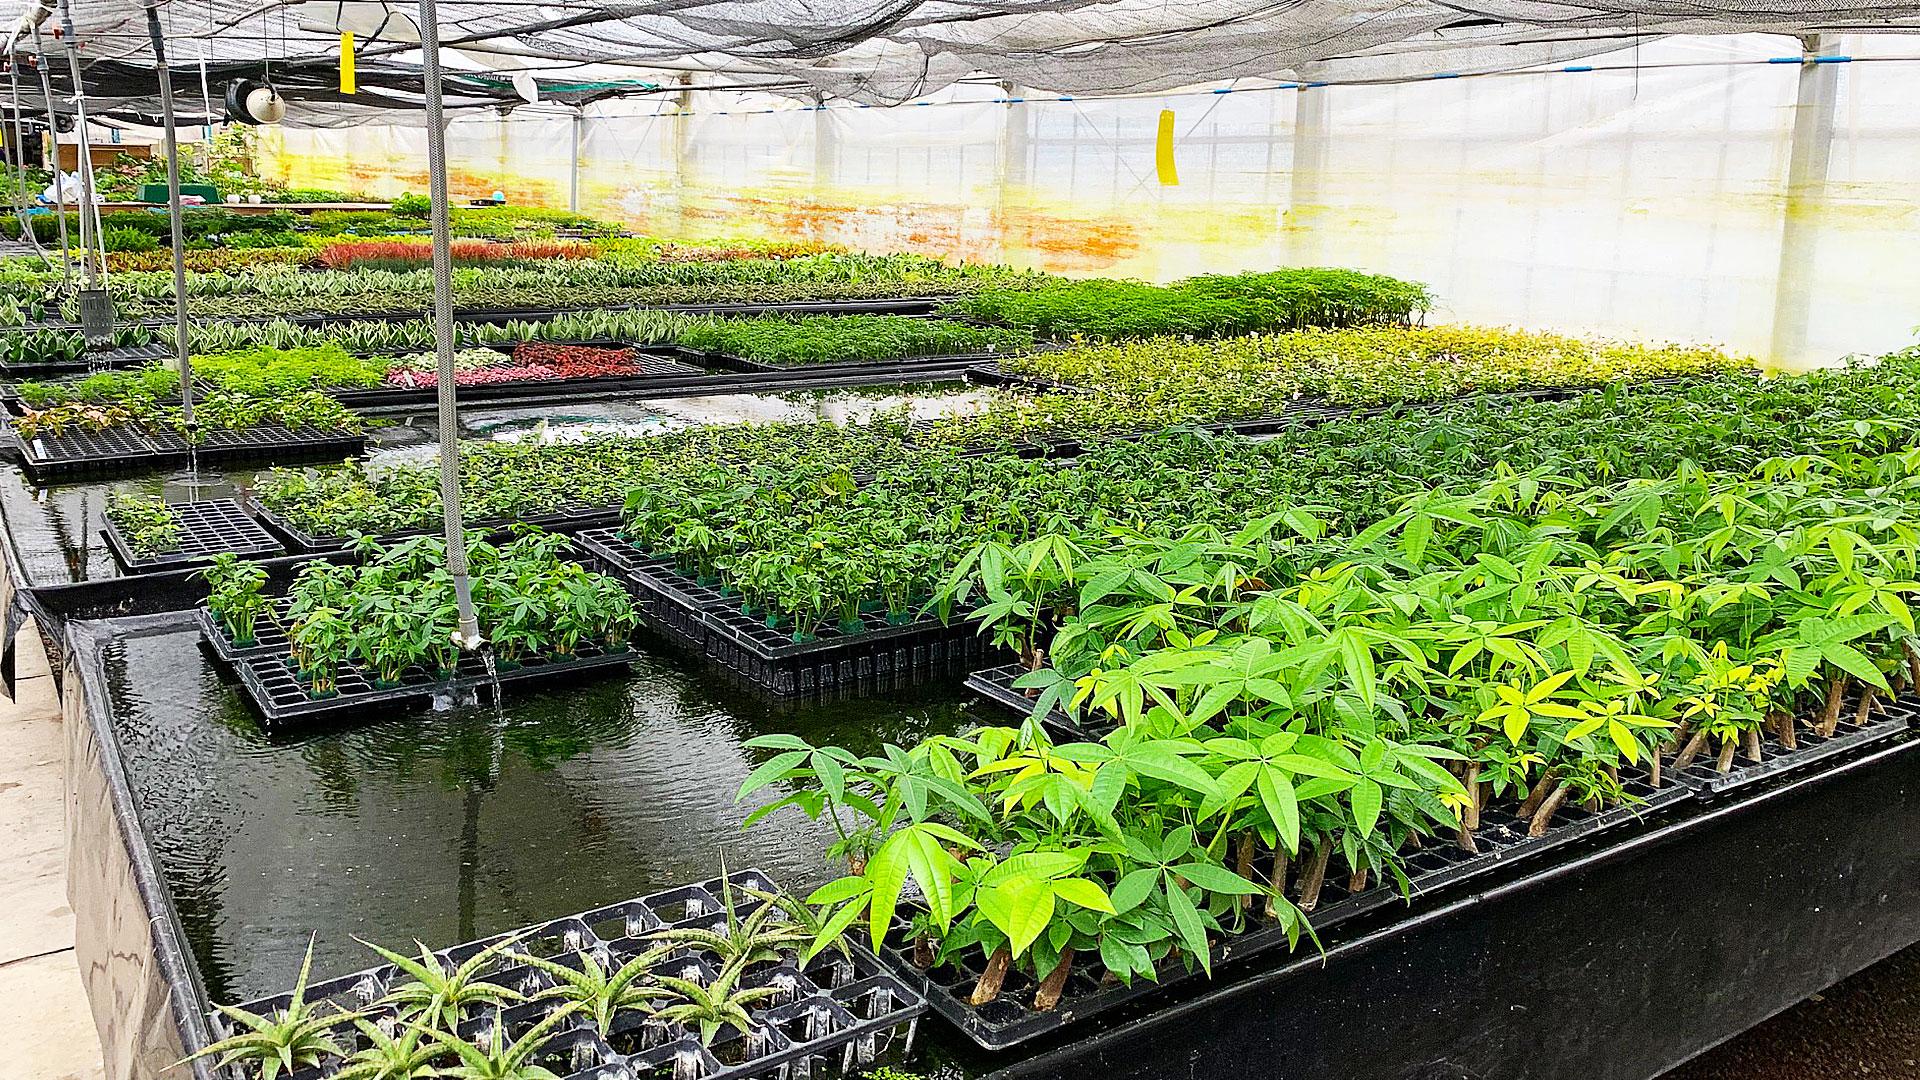 ハイドロカルチャーの水耕栽培の様子